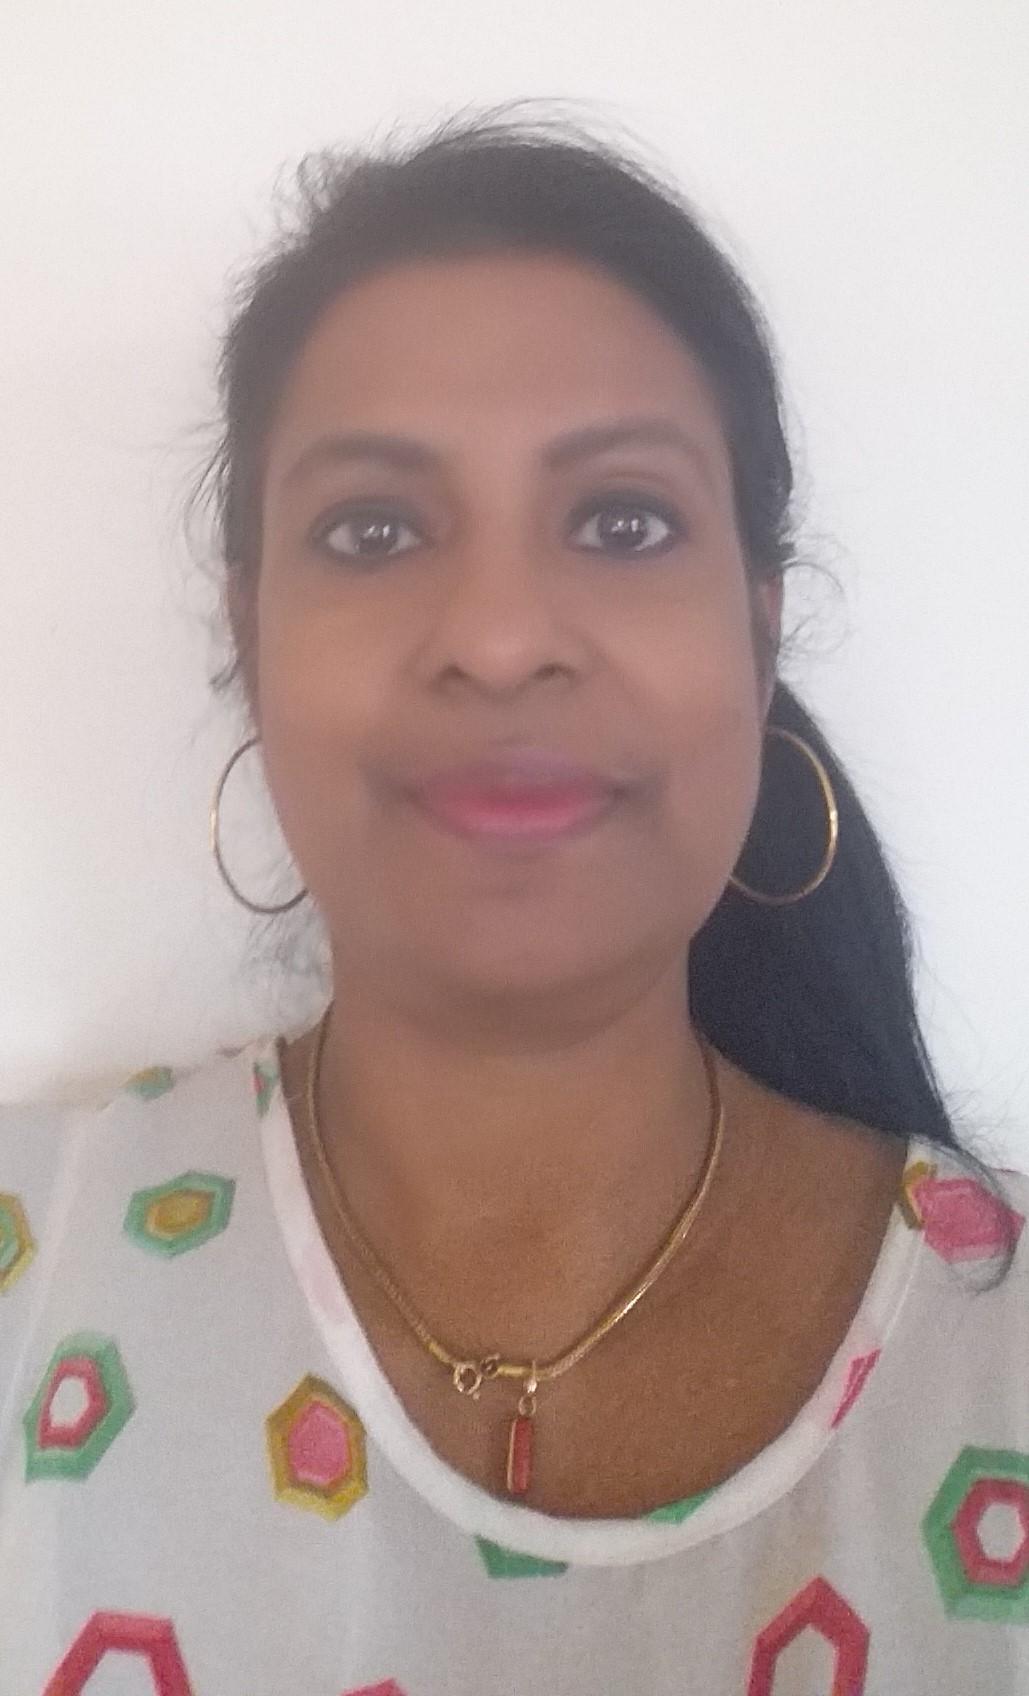 Mekala Srirajalingam